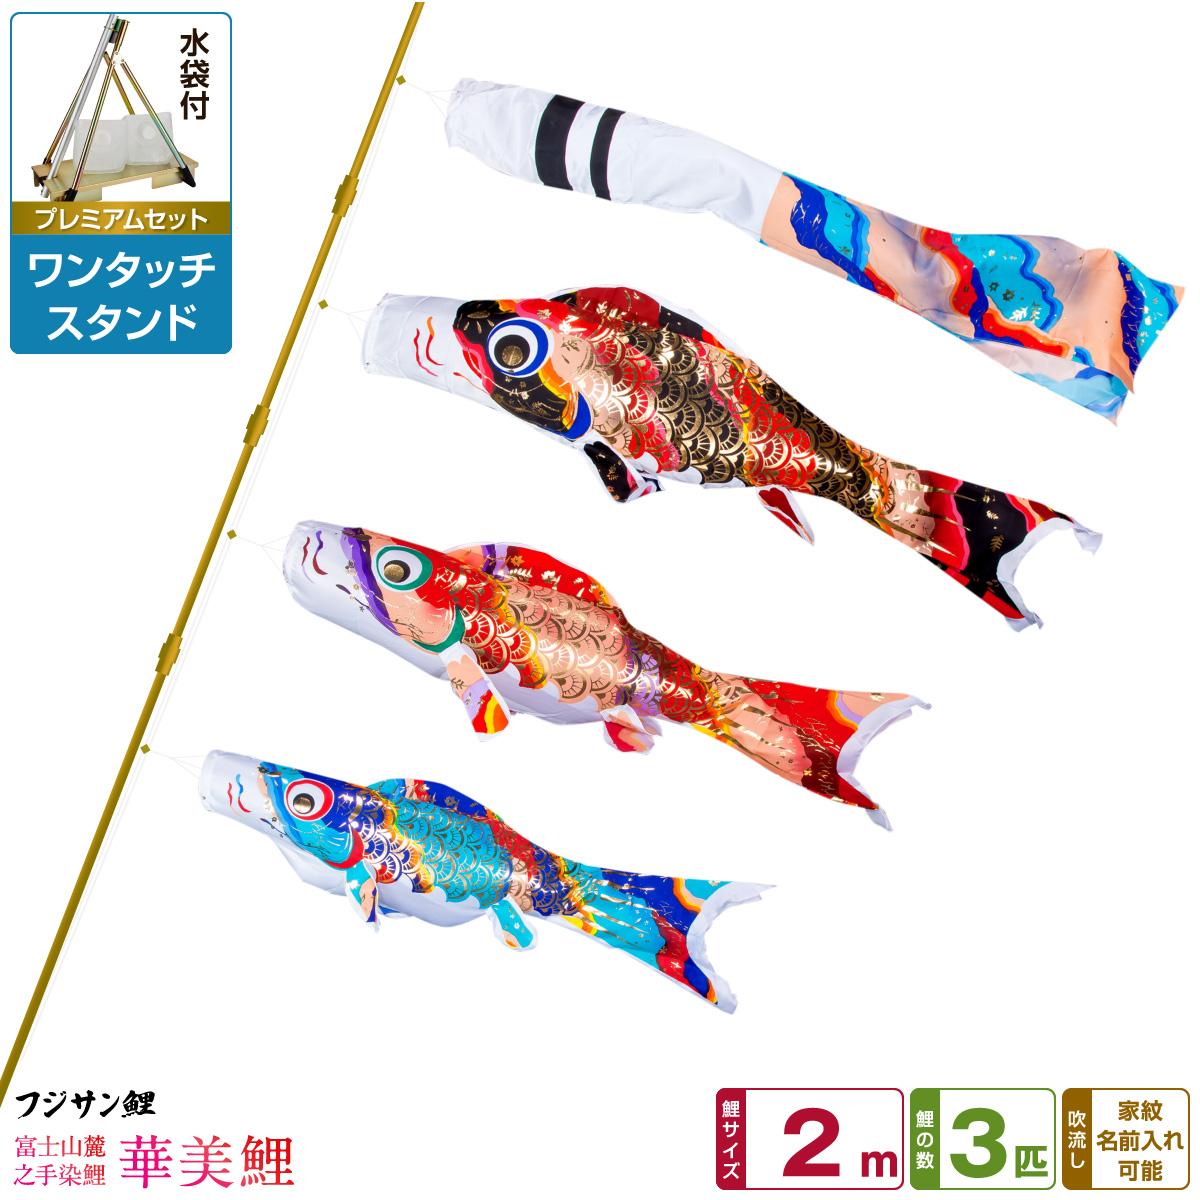 ベランダ用 こいのぼり 鯉のぼり フジサン鯉 華美鯉 2m 6点(吹流し+鯉3匹+矢車+ロープ)/プレミアムセット(ワンタッチスタンド)